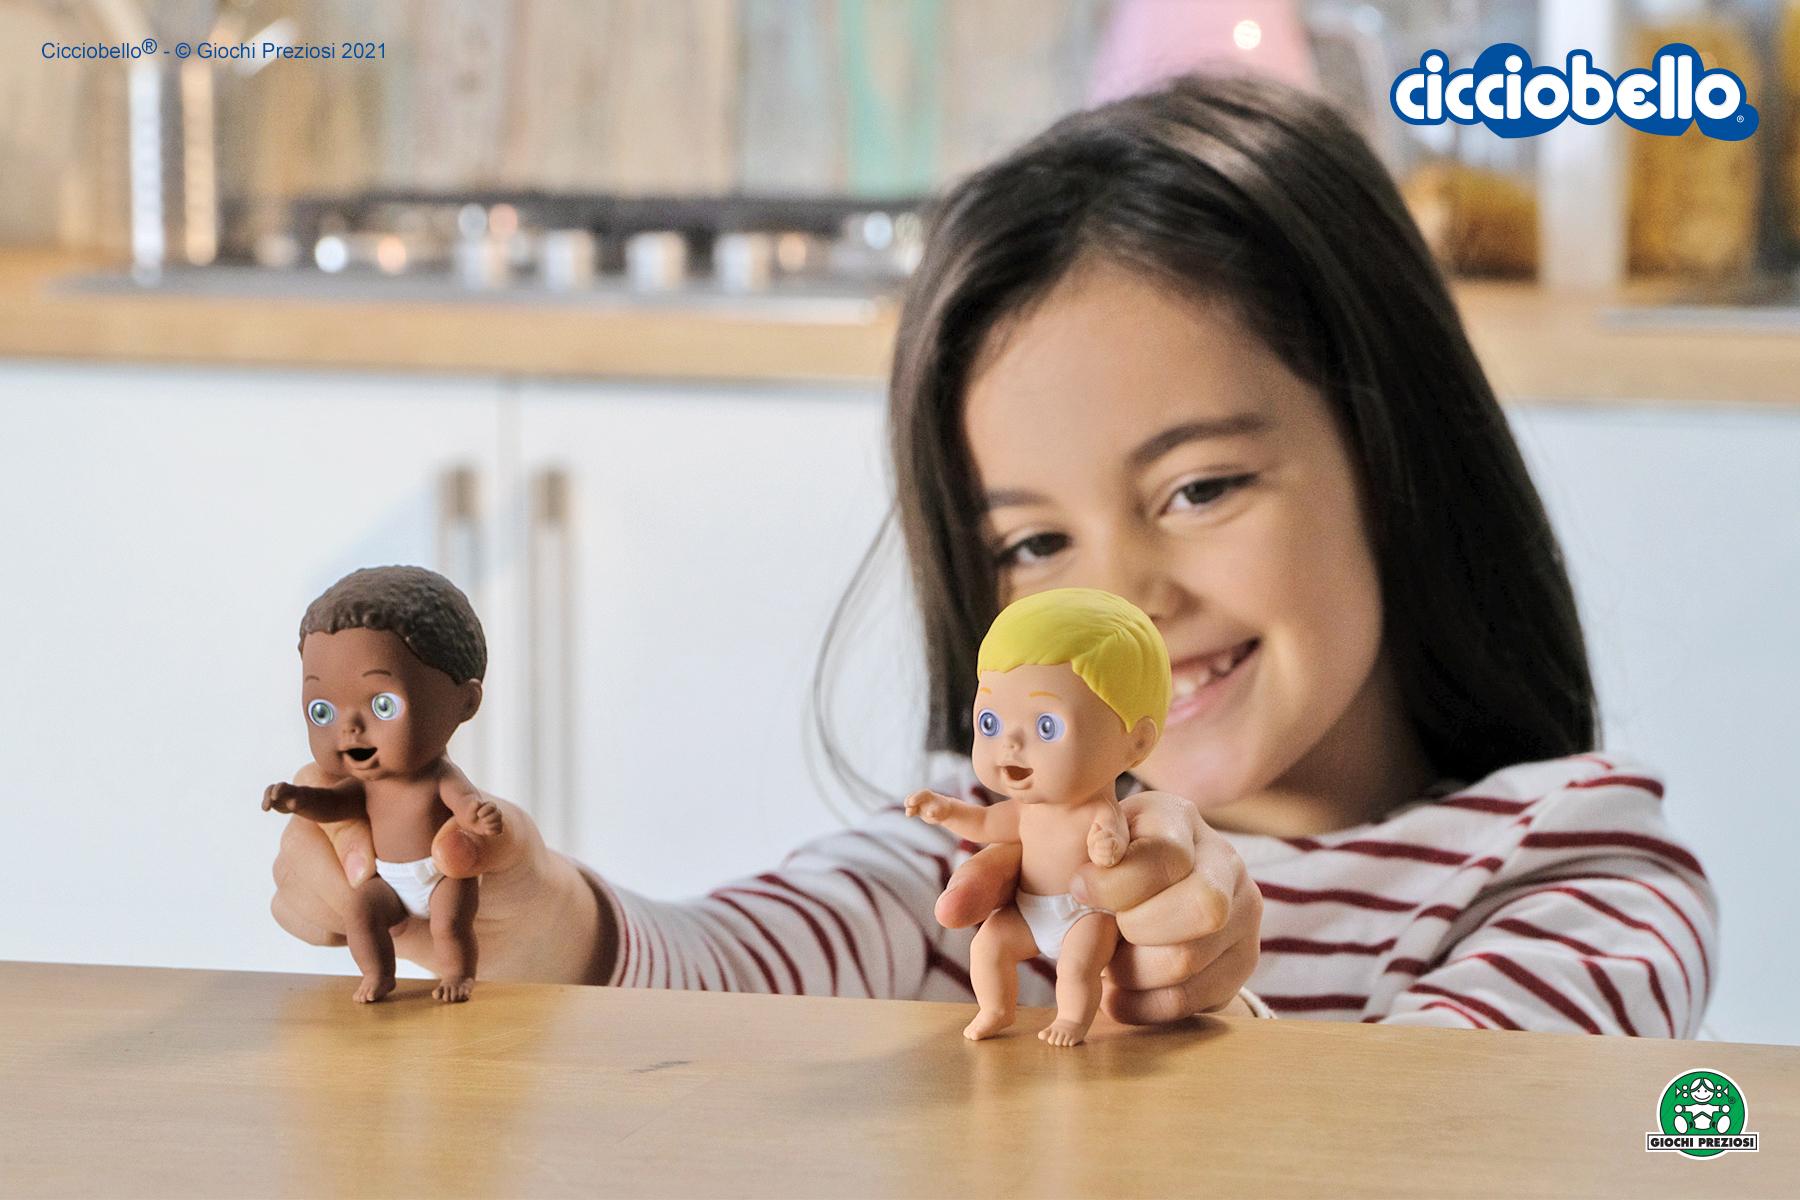 Bambina gioca con gli Amicicci - Cicciobello